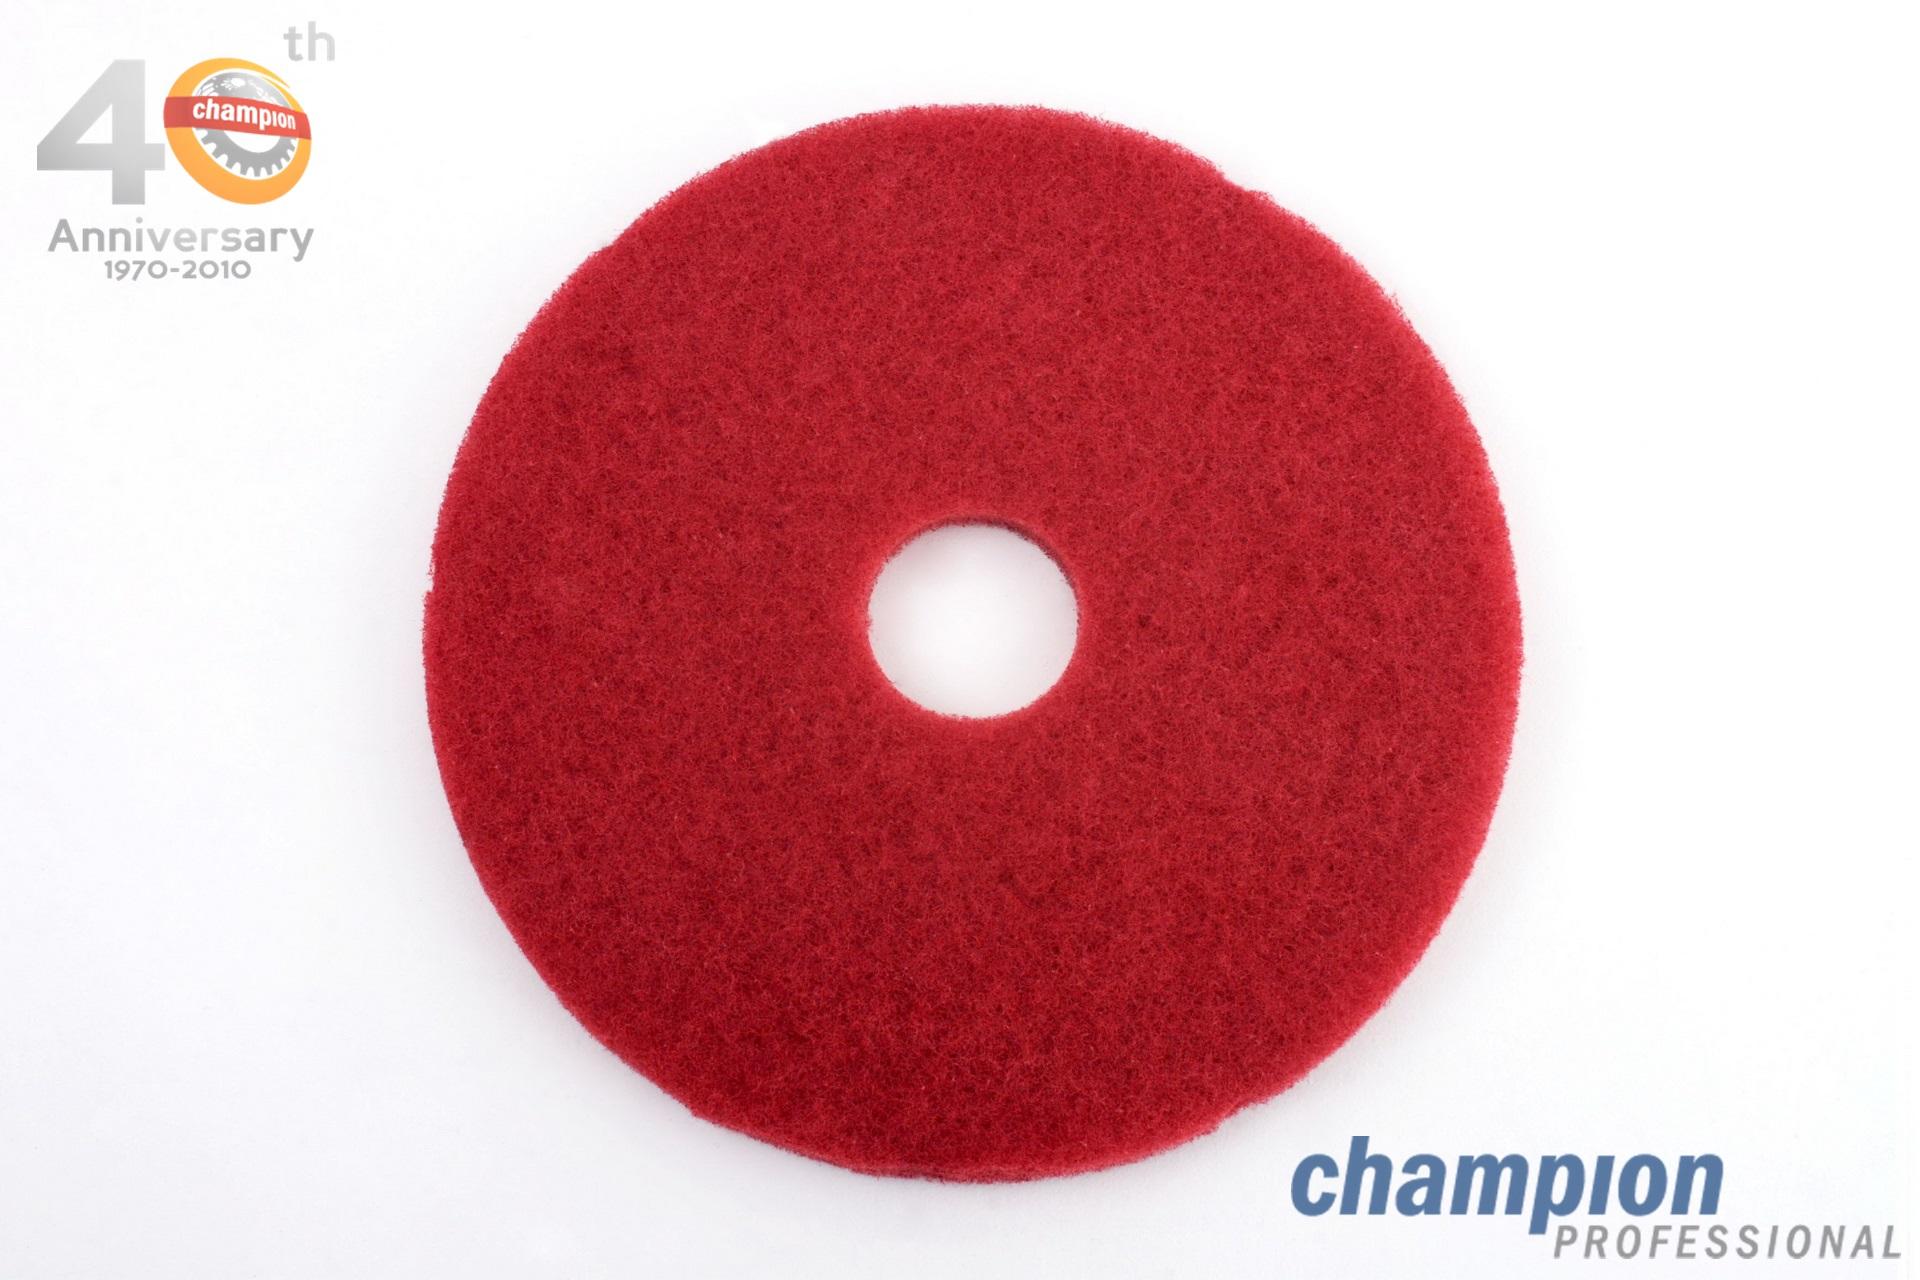 แผ่นปั่นเงาพื้น สีแดง ยี่ห้อ 3M รุ่น Red Buffer 5100